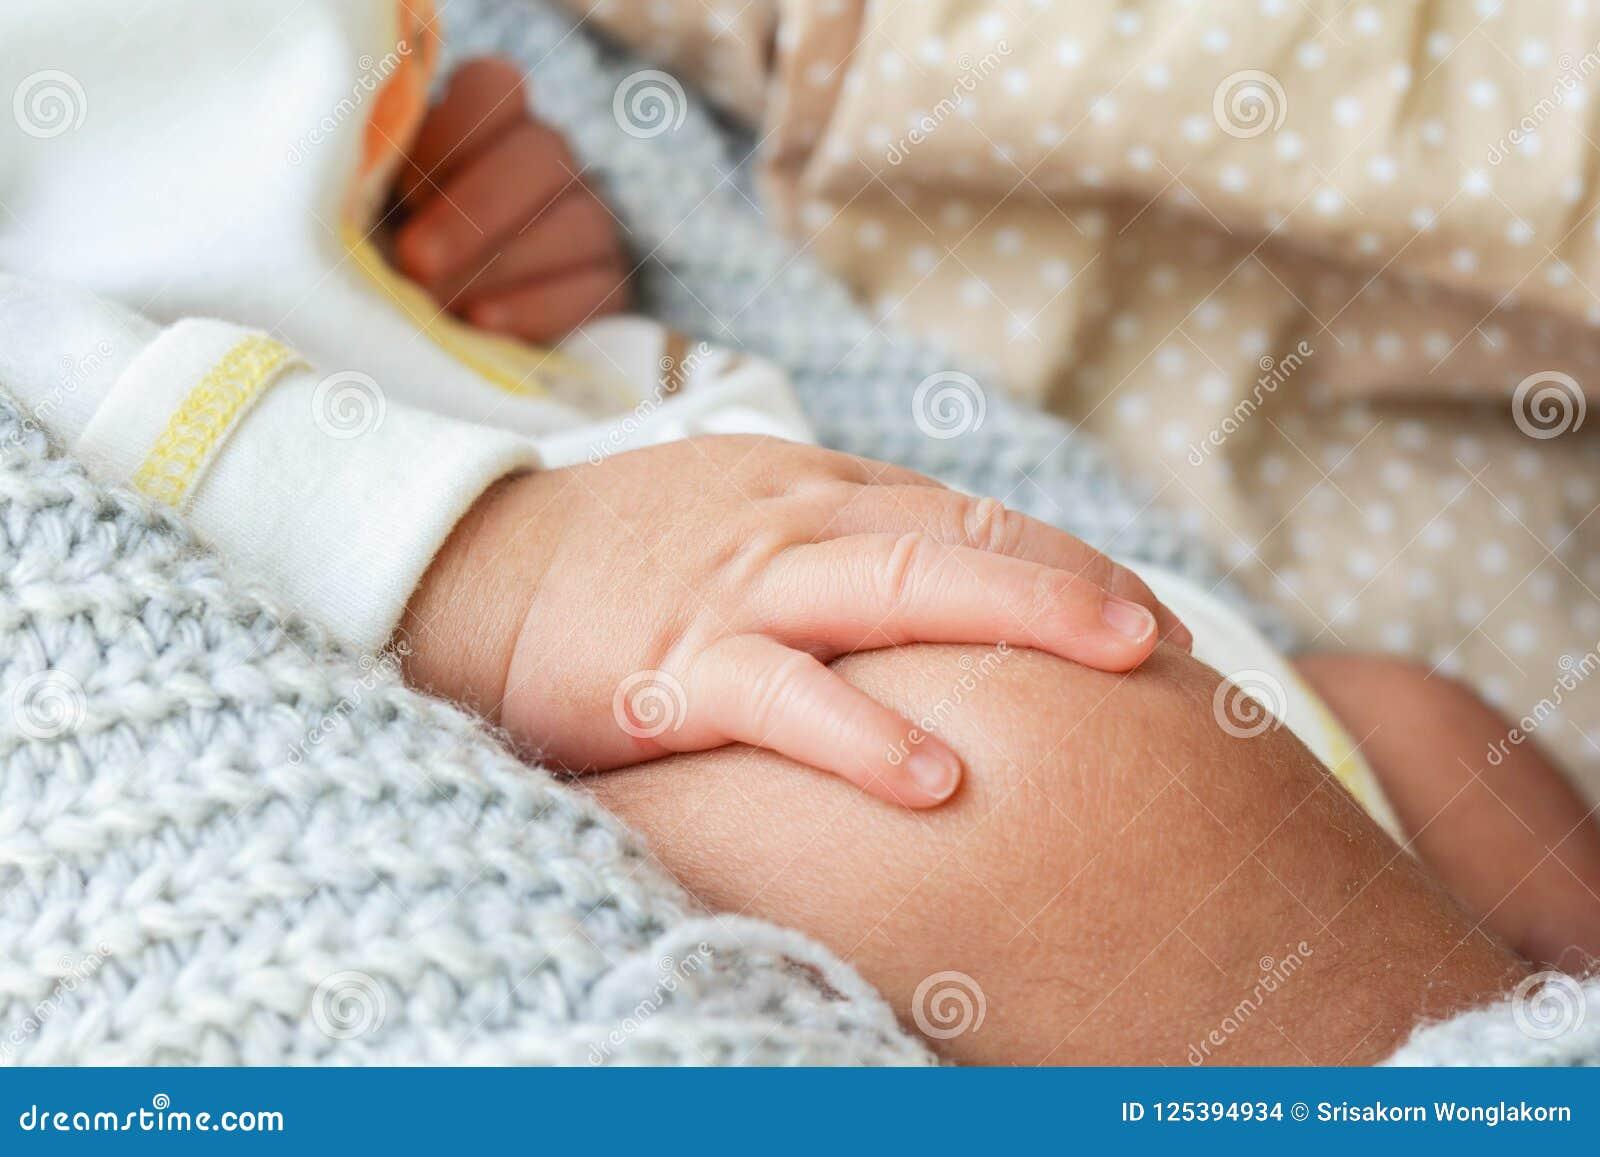 Behandla som ett barn handen på knä i säng